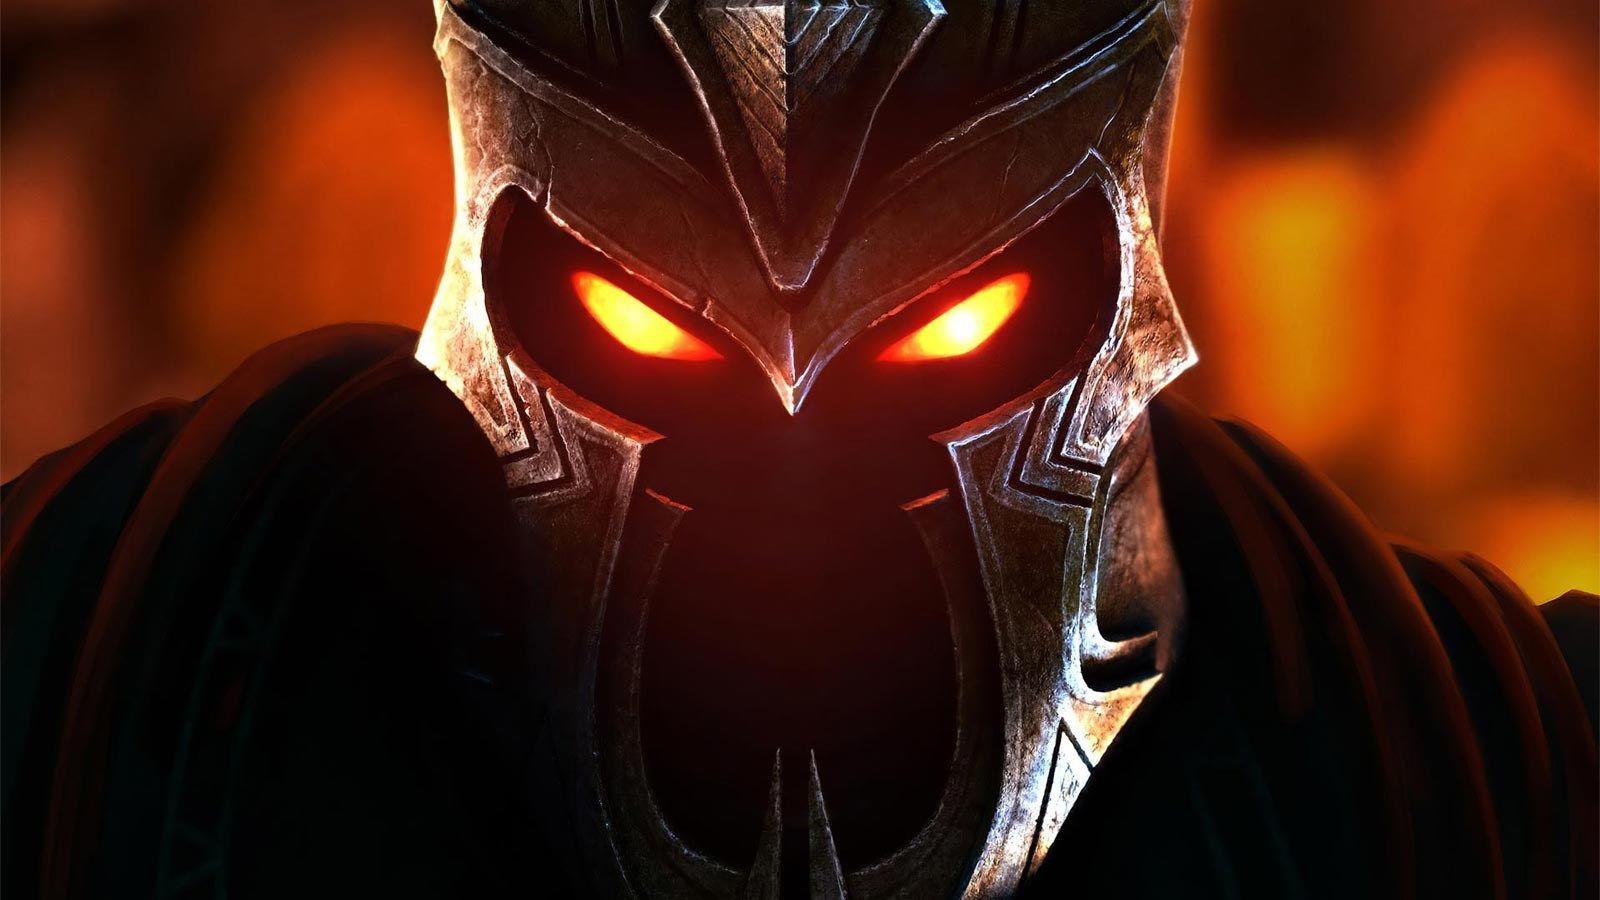 dark knight 1600x900 hd background | fortnite | pinterest | hd